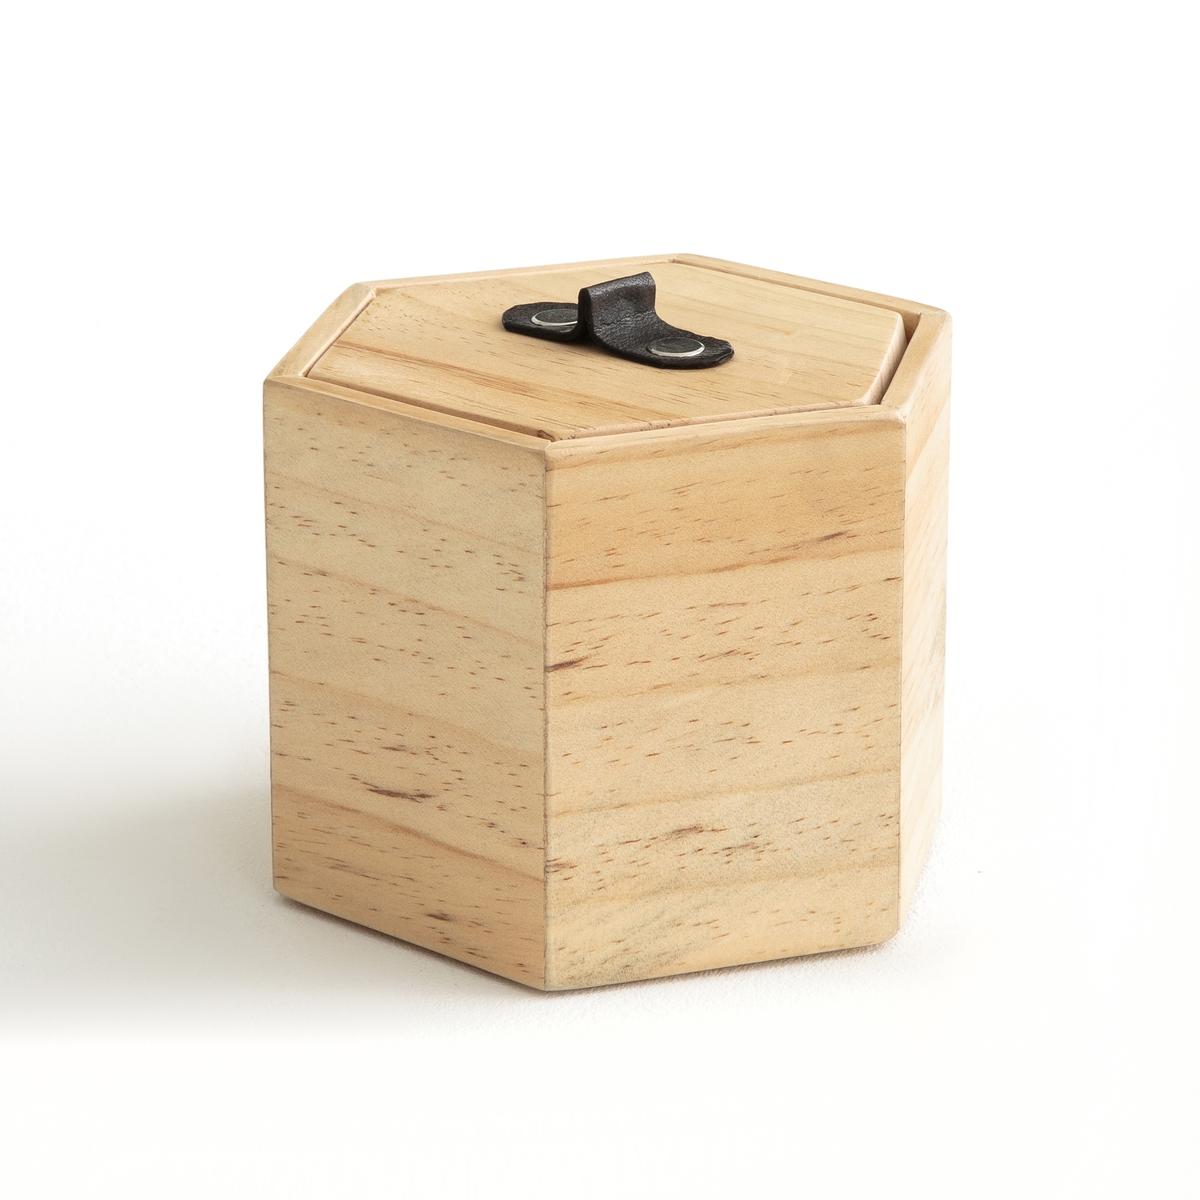 Коробка из дерева сосны и кожи GAFIAОписание:Коробка для вещей La Redoute Int?rieurs из дерева сосны и с ручкой из кожи для удобства хранения ваших вещей.Описание коробки Gafia  :Коробка из дерева сосны с крышкой .Кожаная ручка.Откройте для себя всю коллекцию декора на сайте laredoute.ruРазмеры коробки Gafia :11,5 x 13 см Высота : 10 см<br><br>Цвет: серо-бежевый